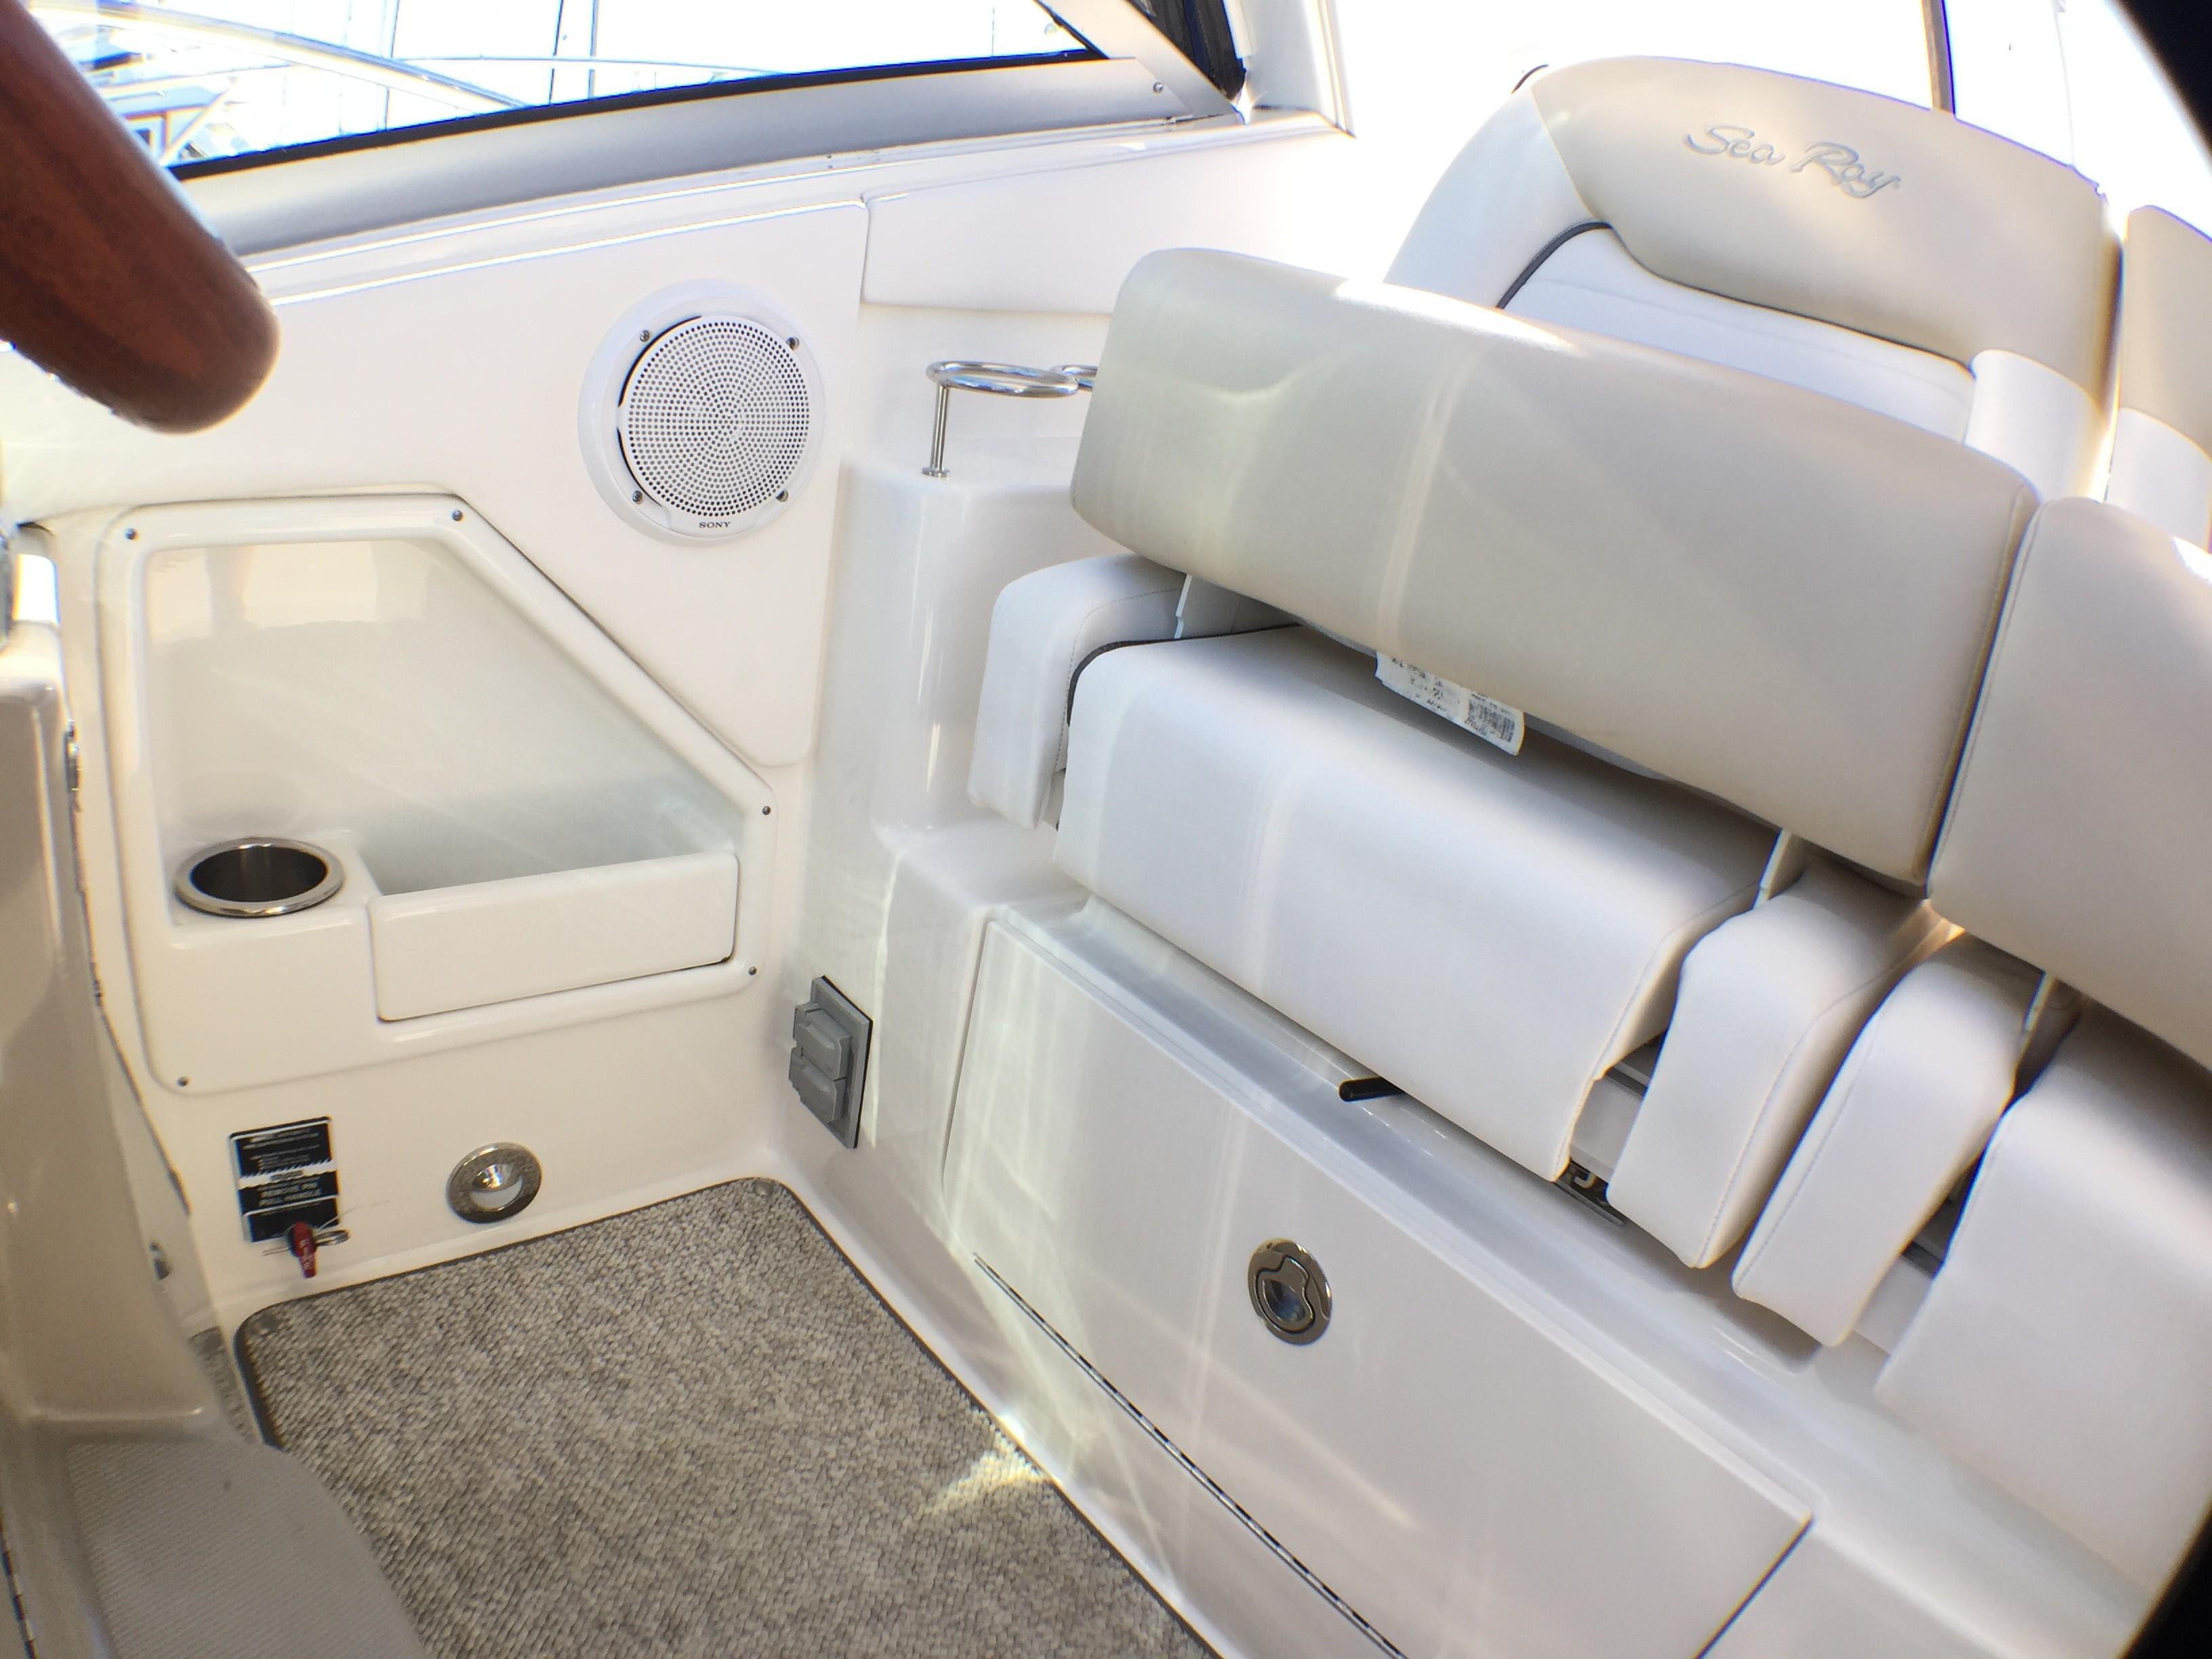 Karina Sea Ray 2011 350 Sundancer 35 Yacht For Sale In Us